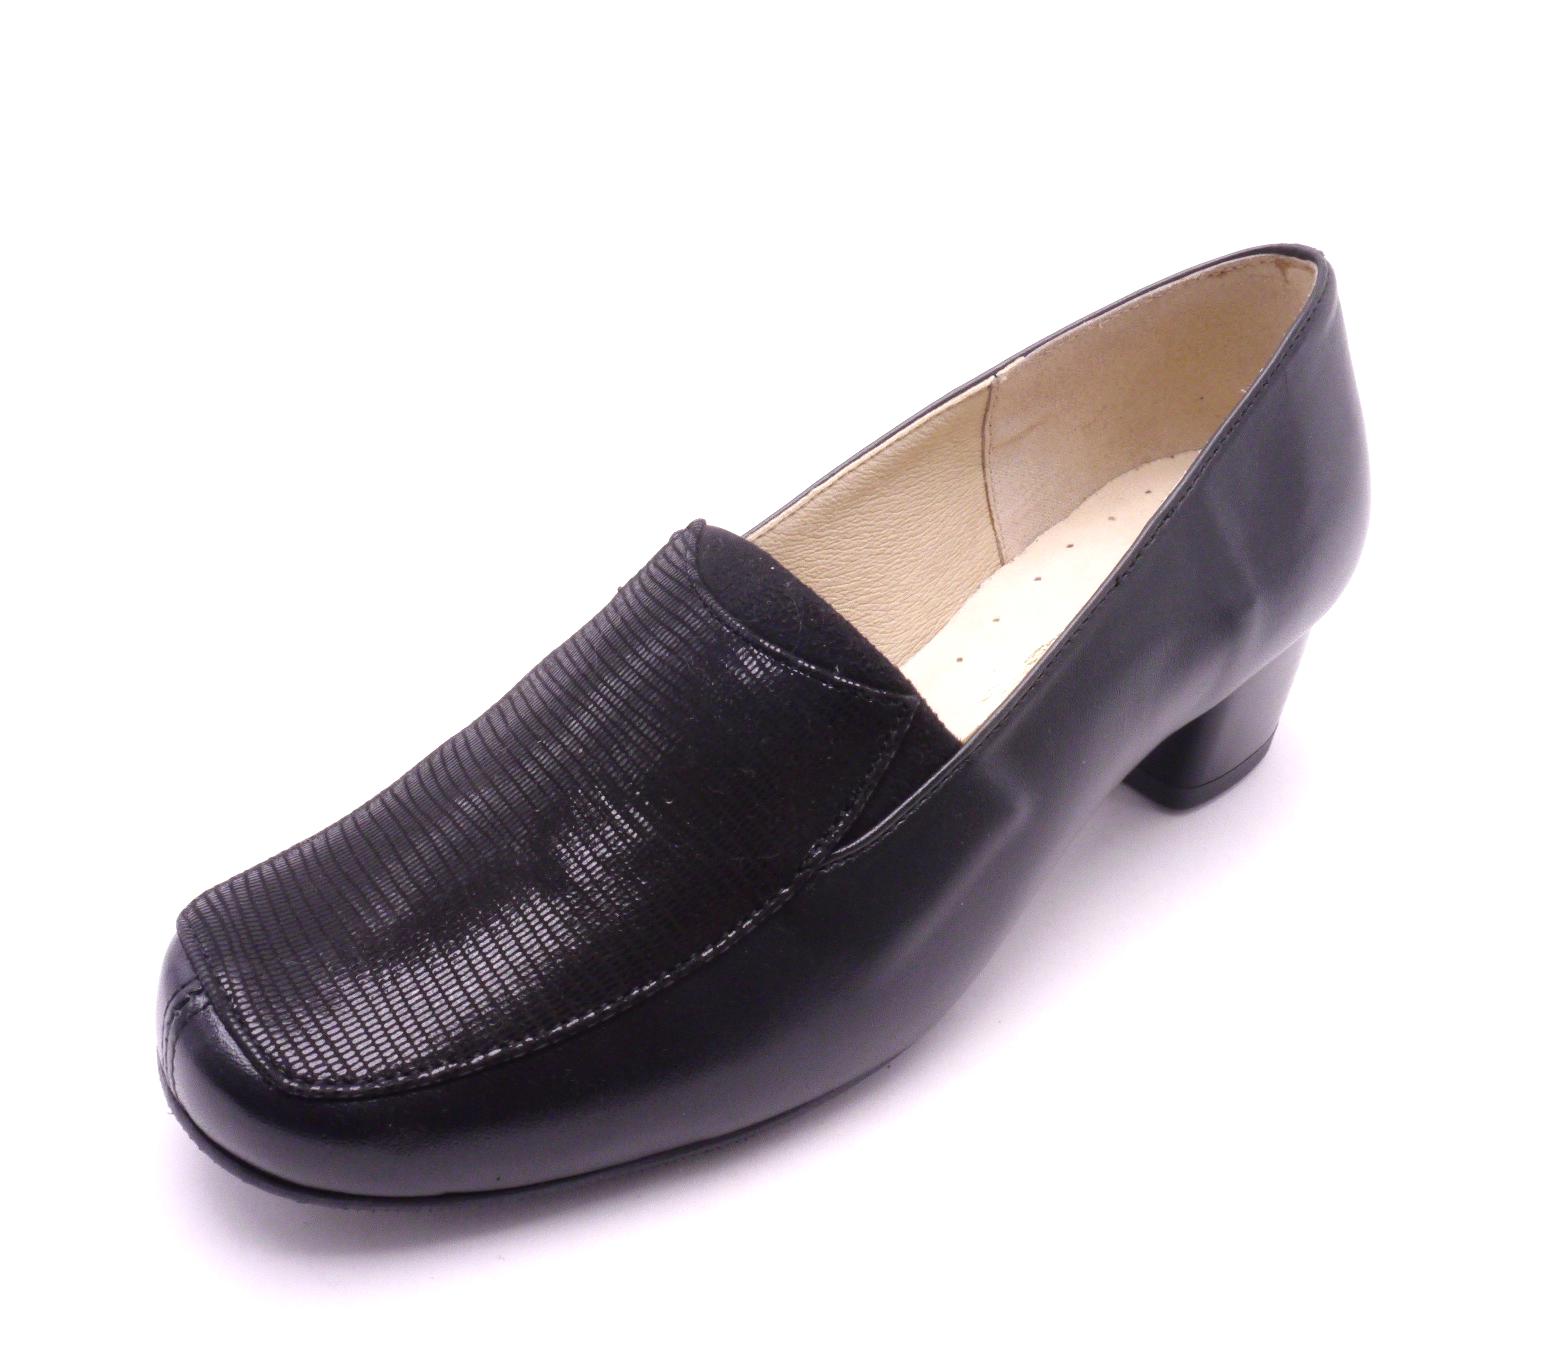 Mintaka Dámská pohodlná obuv z kůže 81913 6 Velikost  37 23824a03cd9